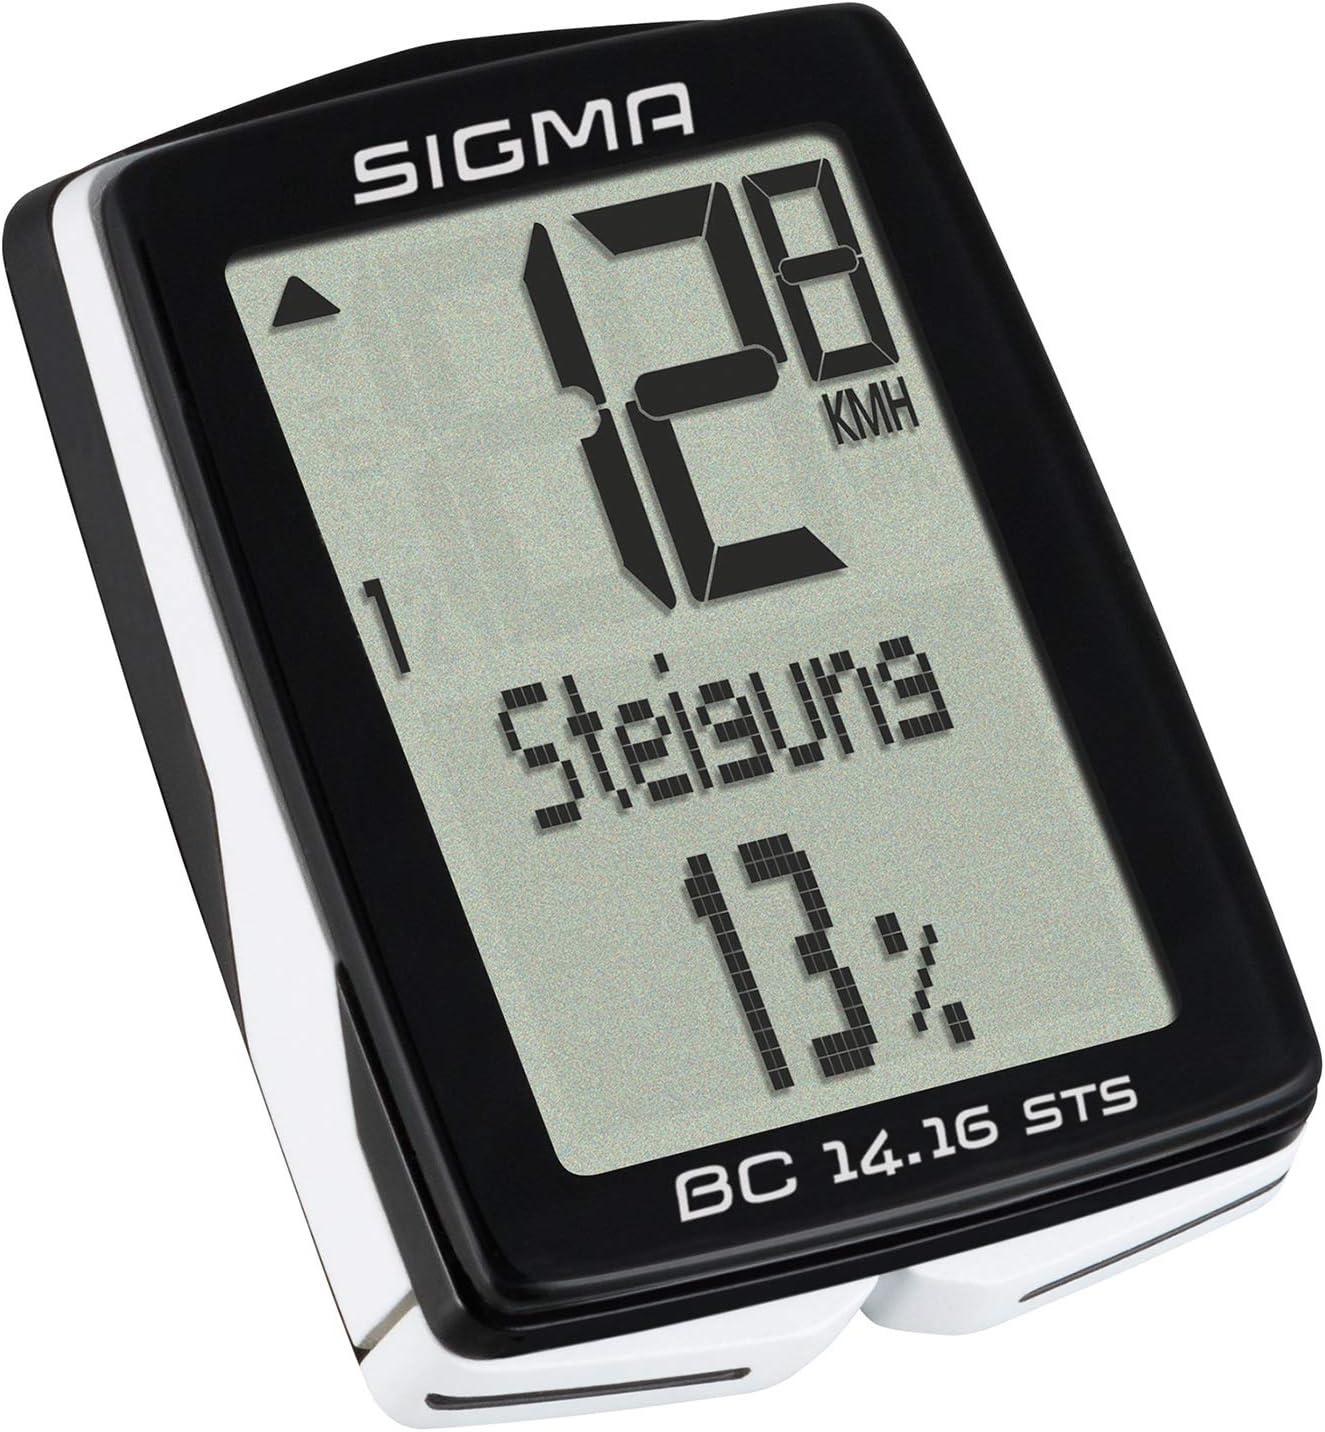 Sigma Contador Inal/ámbrico BC 14.16 STS